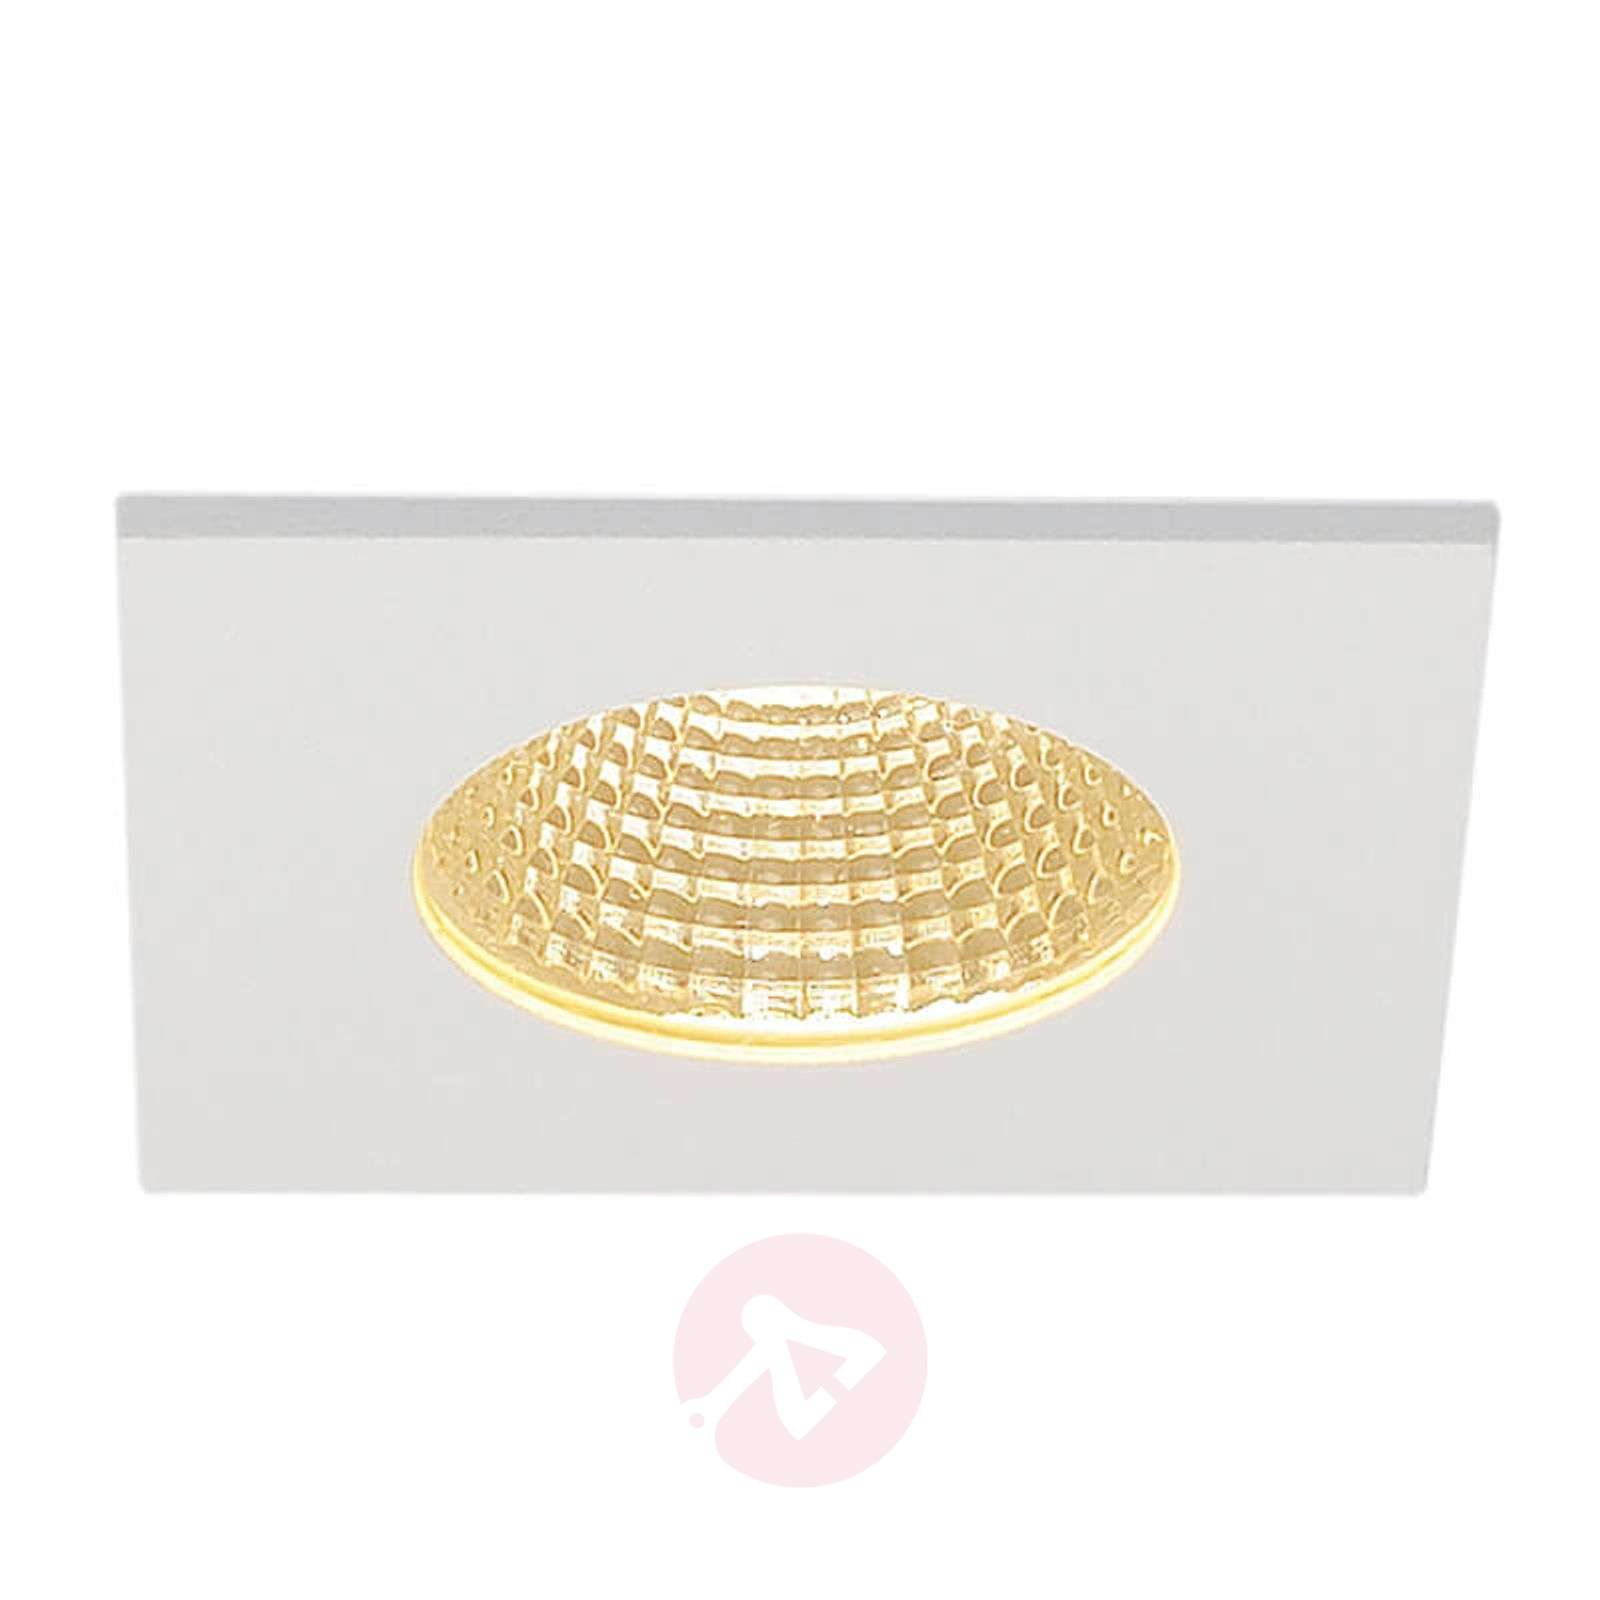 Matt white LED recessed ceiling lamp Patta-I-5504796-01